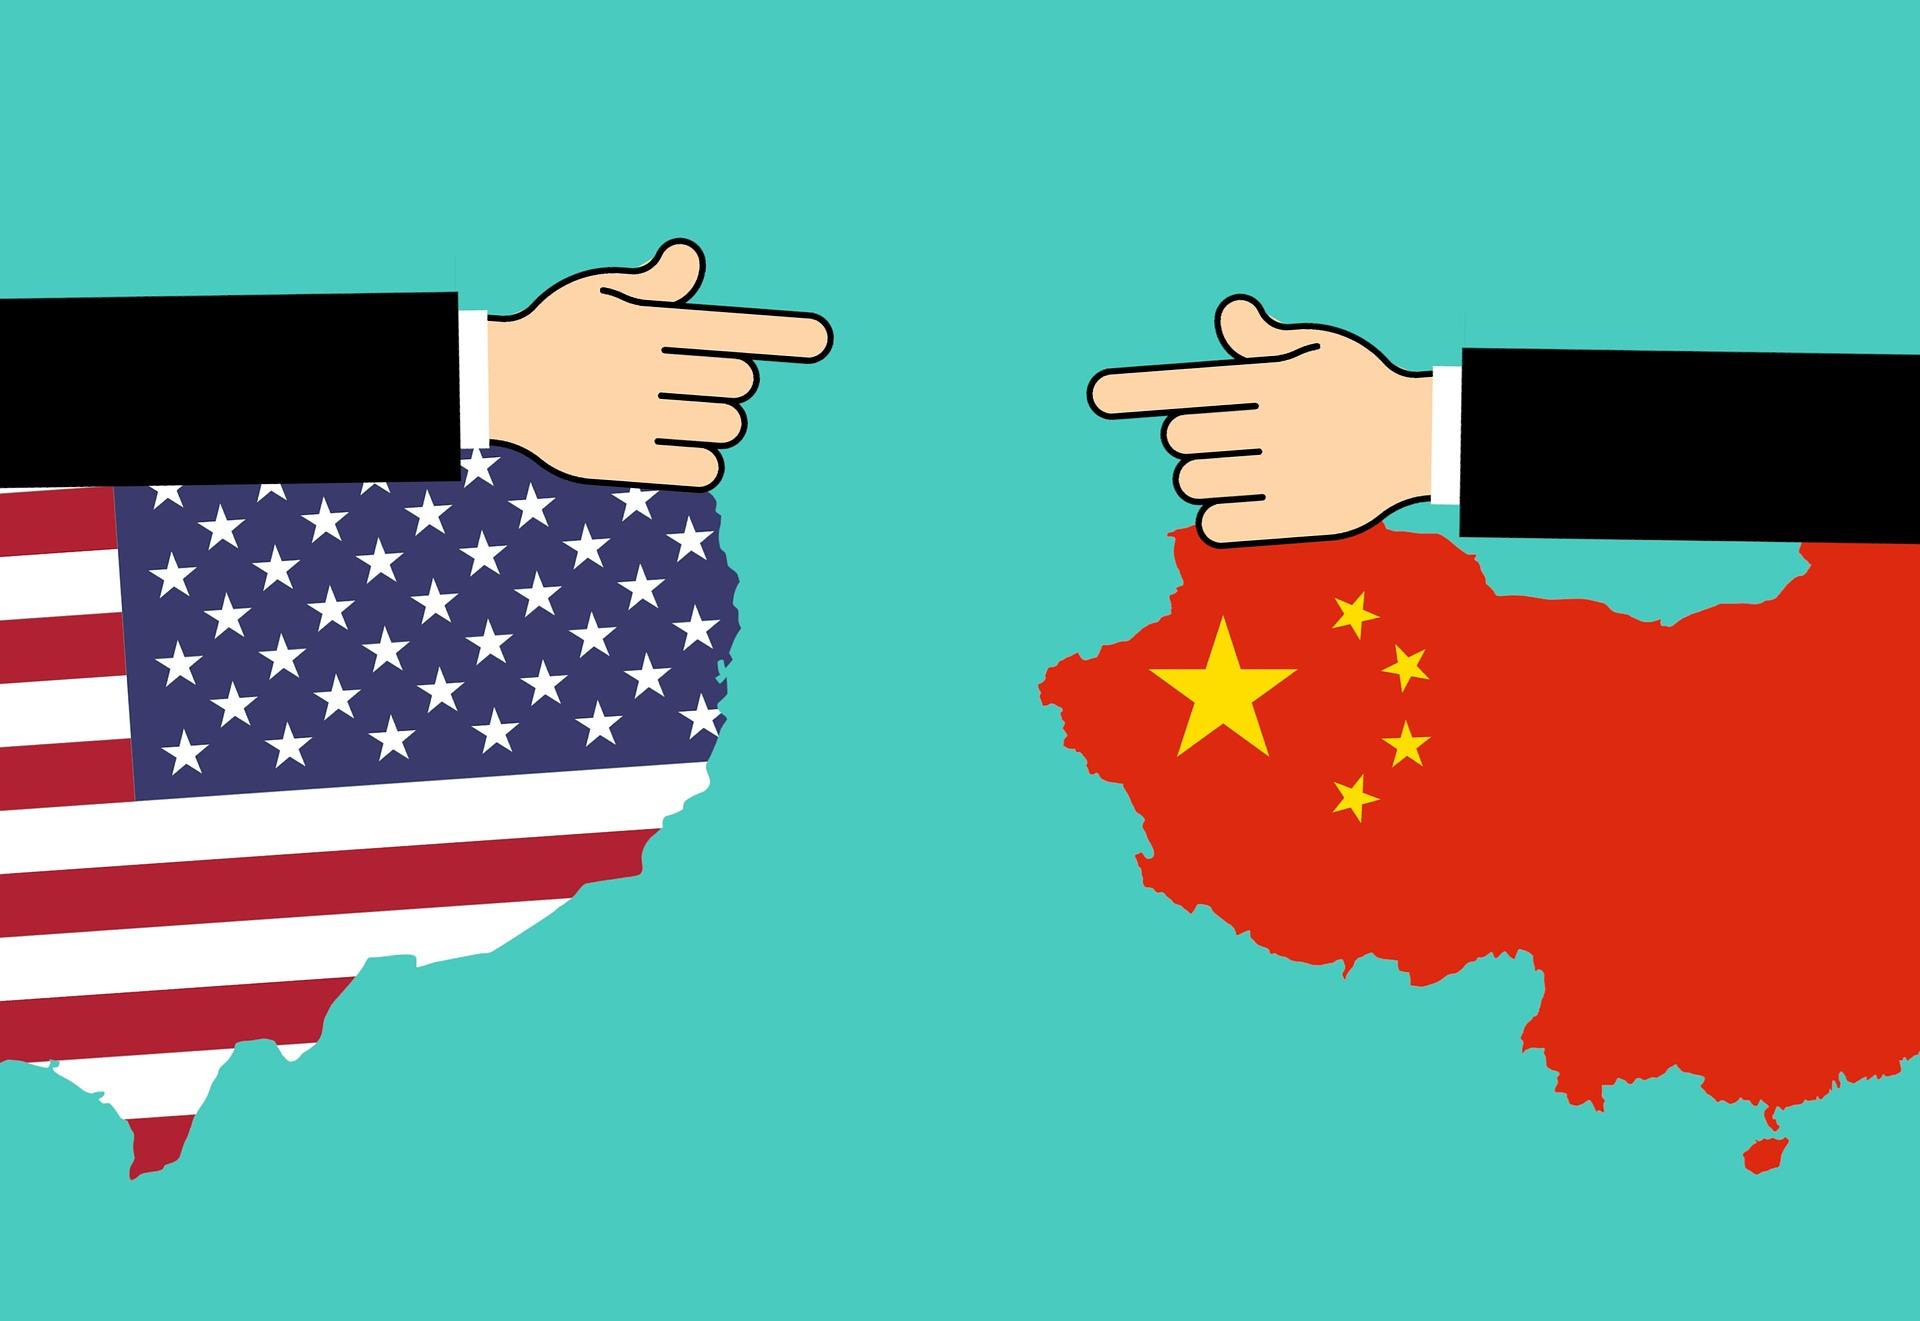 kitajska amerika kapitalski trgi vezovišek